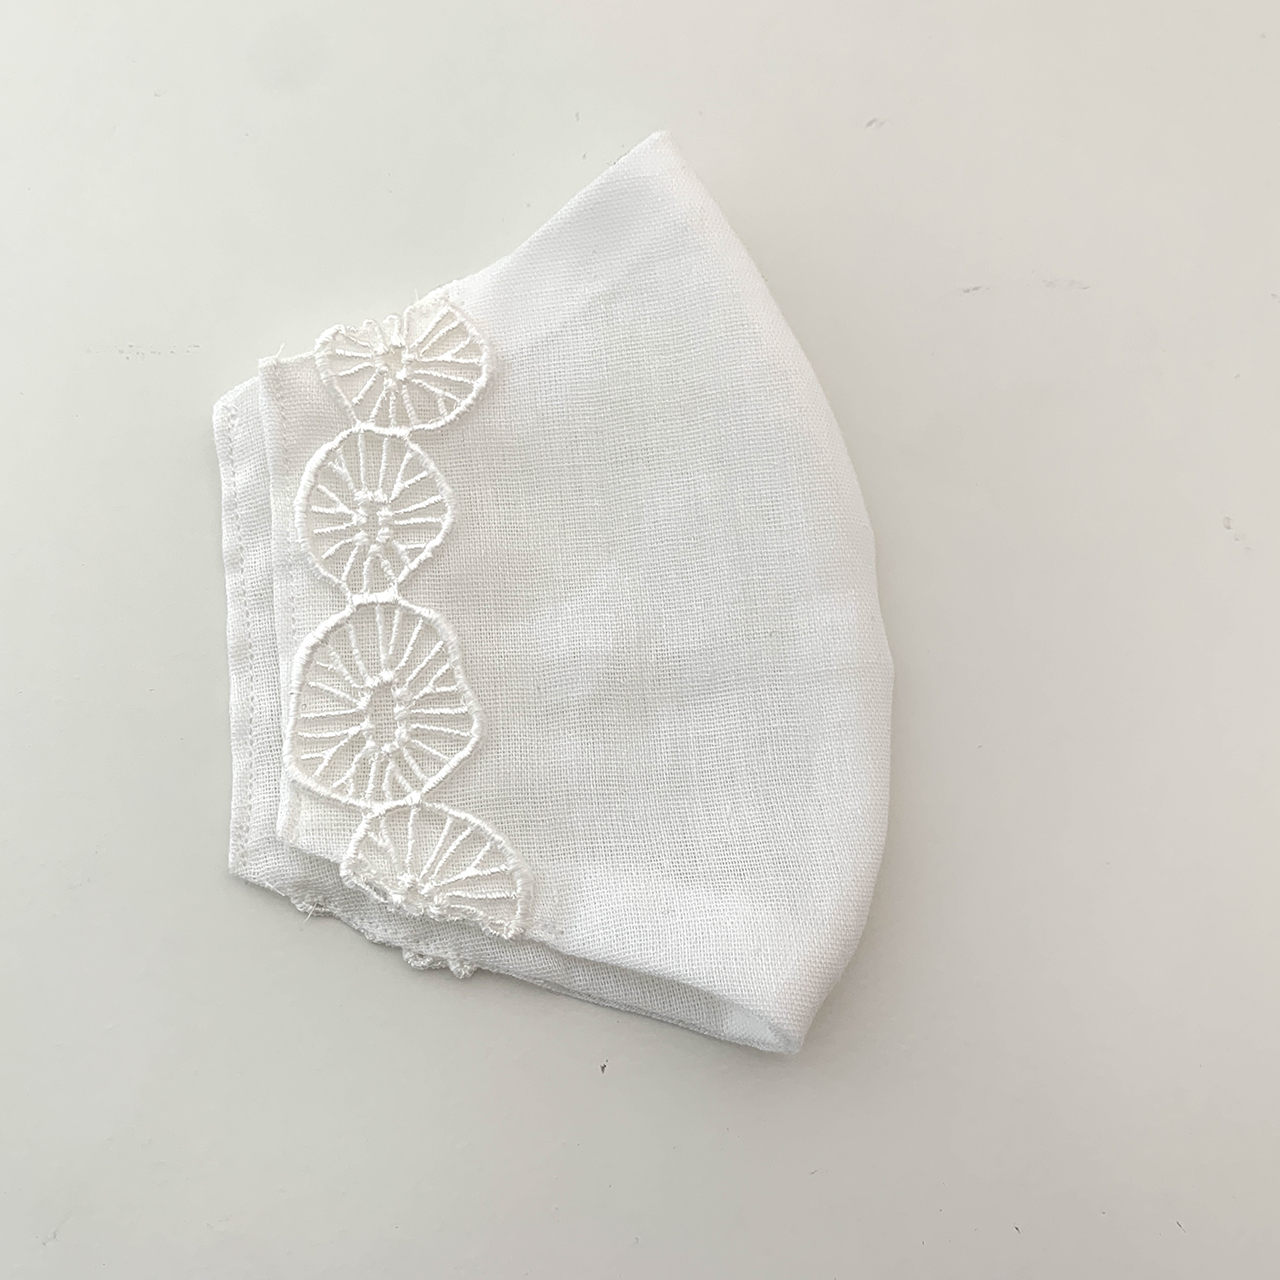 インナーマスクカバー「森の花」 不織布マスクの下にするガーゼのゴムなしマスクカバーです